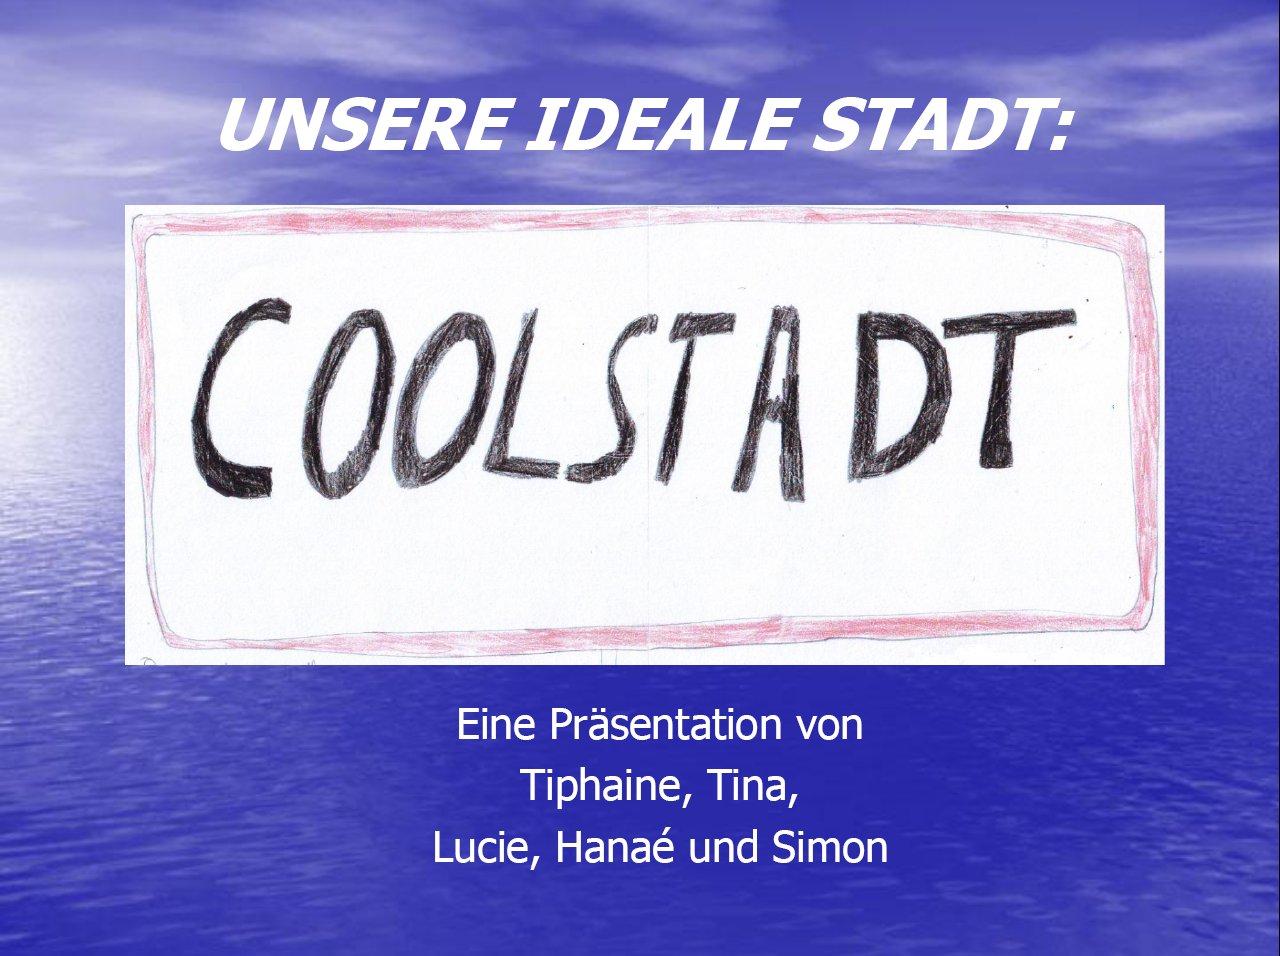 """""""Unsere ideale Stadt"""" (Allemand – langue du partenaire)"""